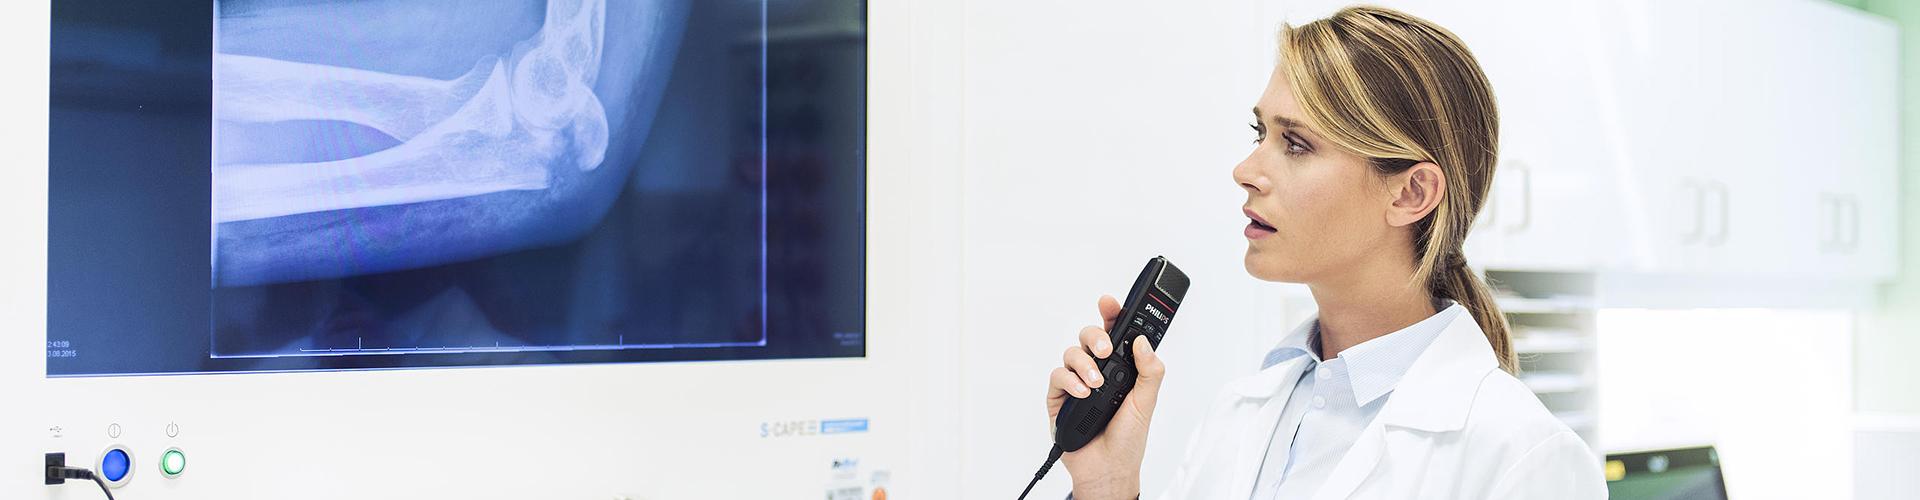 Spraakherkenning-voor-artsen-en-medici-digitaal-dicteren-spraak-naar-tekst-dragon-software-medical-2